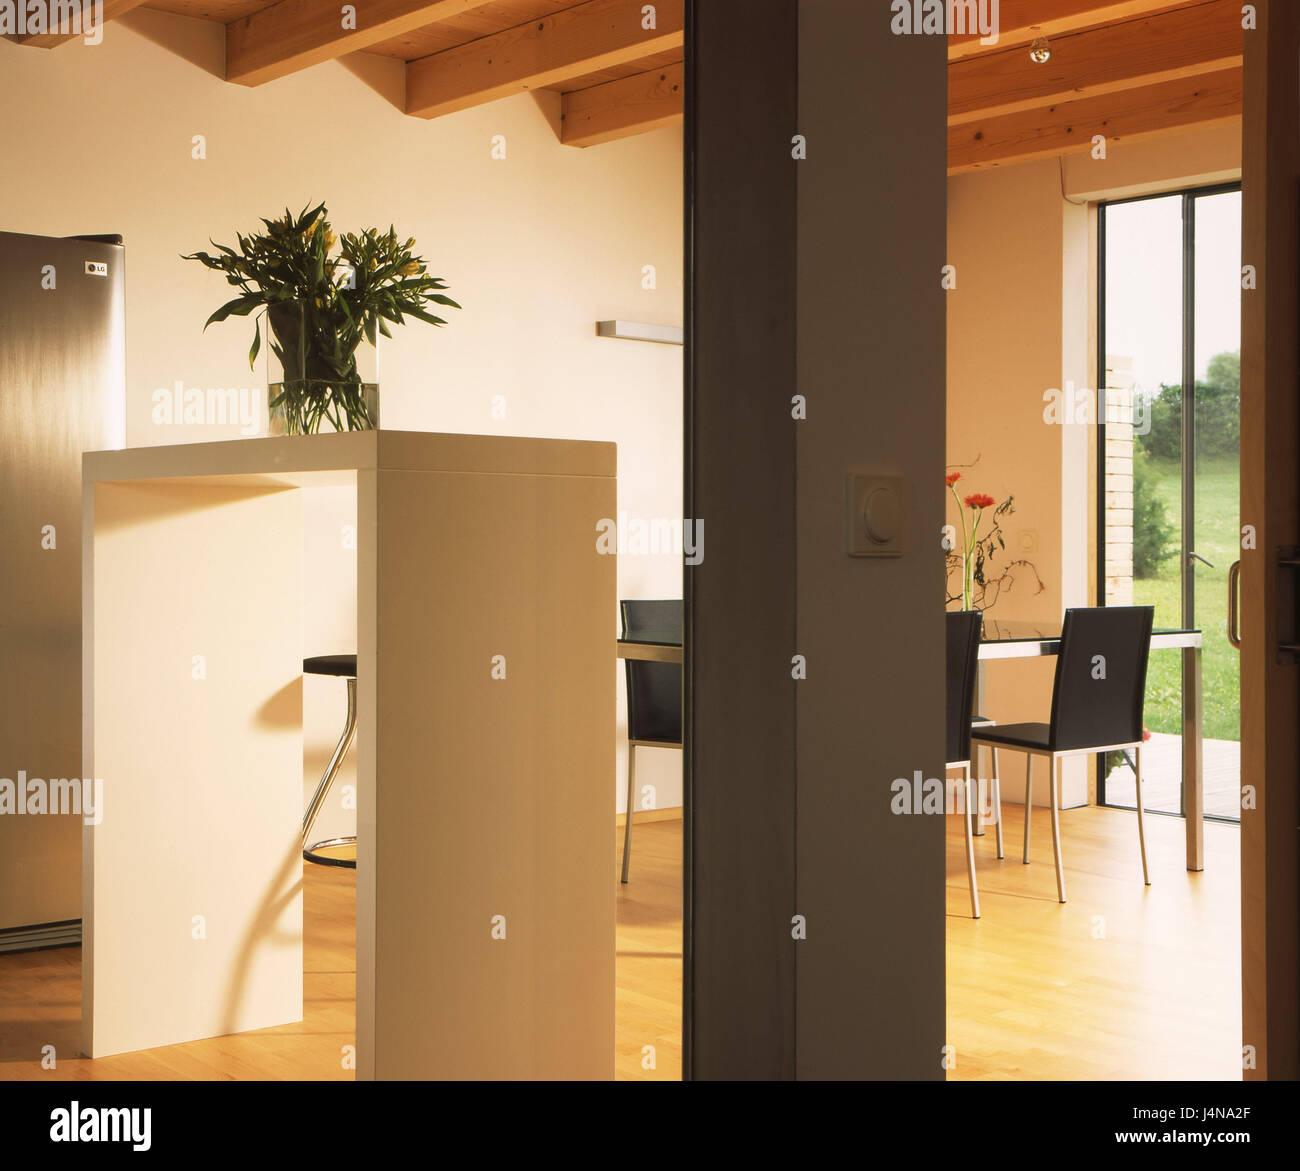 moderne innenarchitektur einfamilienhaus, wohnhaus eberle, essen im inneren bereich, moderne, wohn-haus, Design ideen